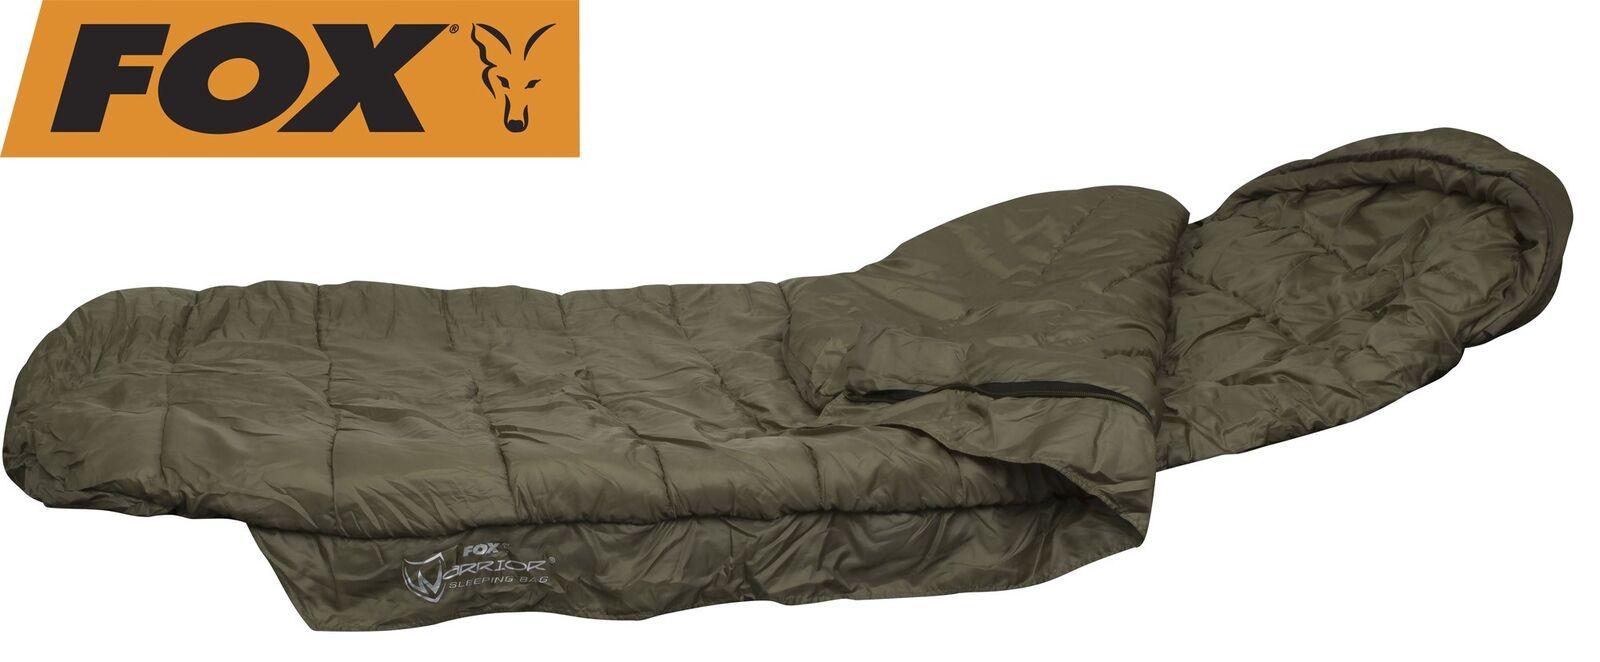 Fox Fox Fox Warrior Sleeping Bag Schlafsack zum Karpfenangeln Angelschlafsack 48b2e0